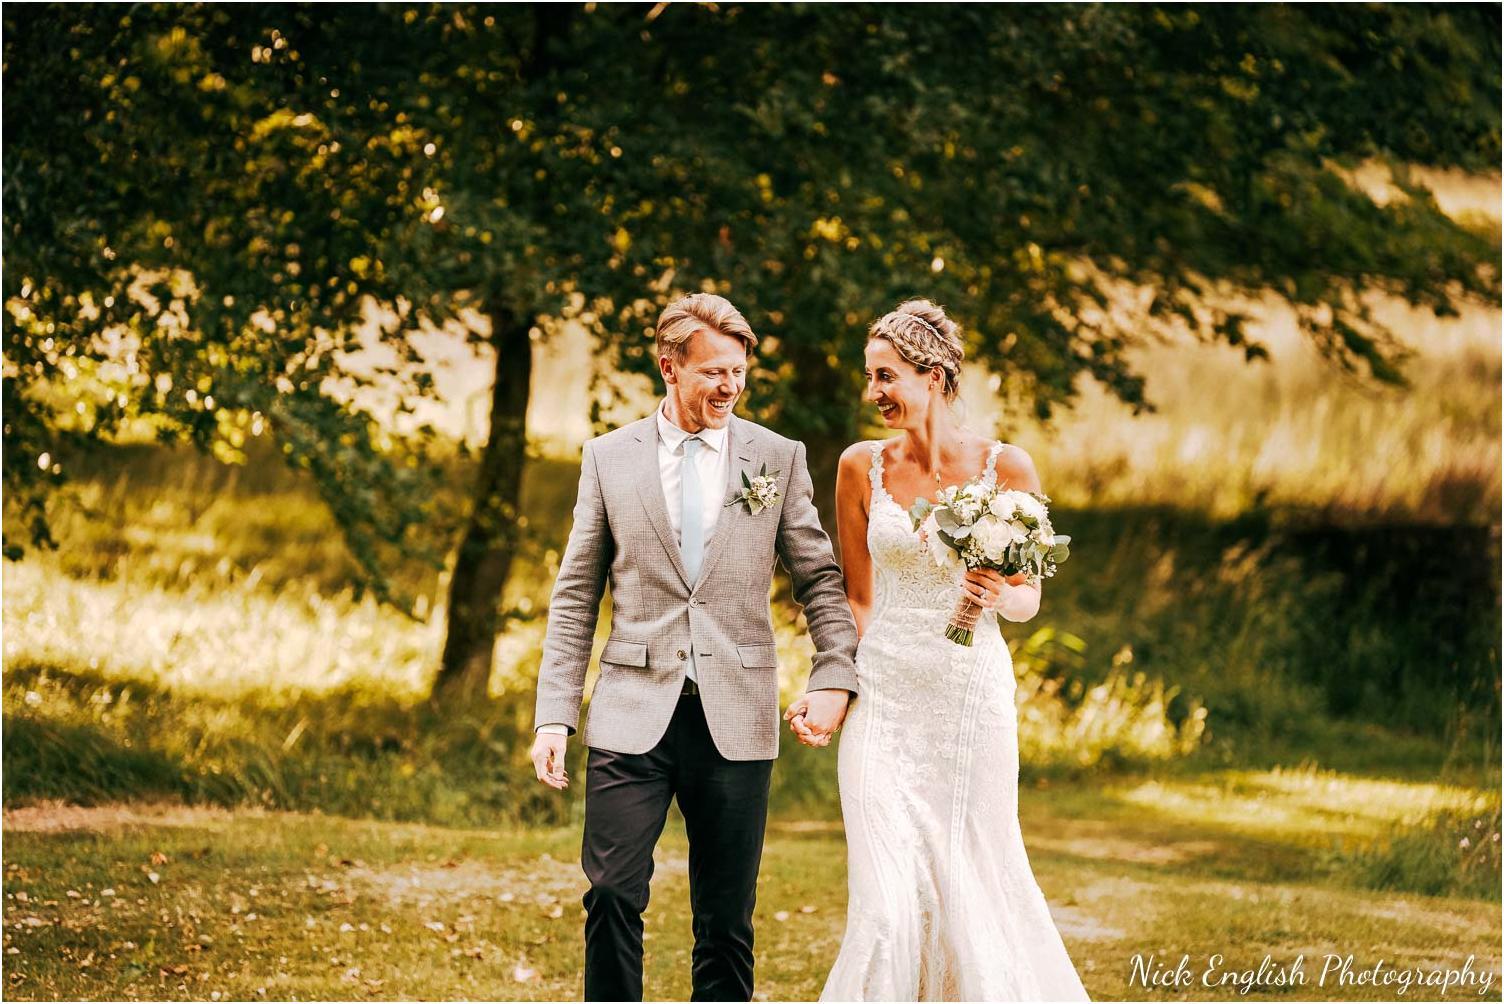 Browsholme_Hall_Tithe_Barn_Wedding_Photographer_Lancashire-102.jpg